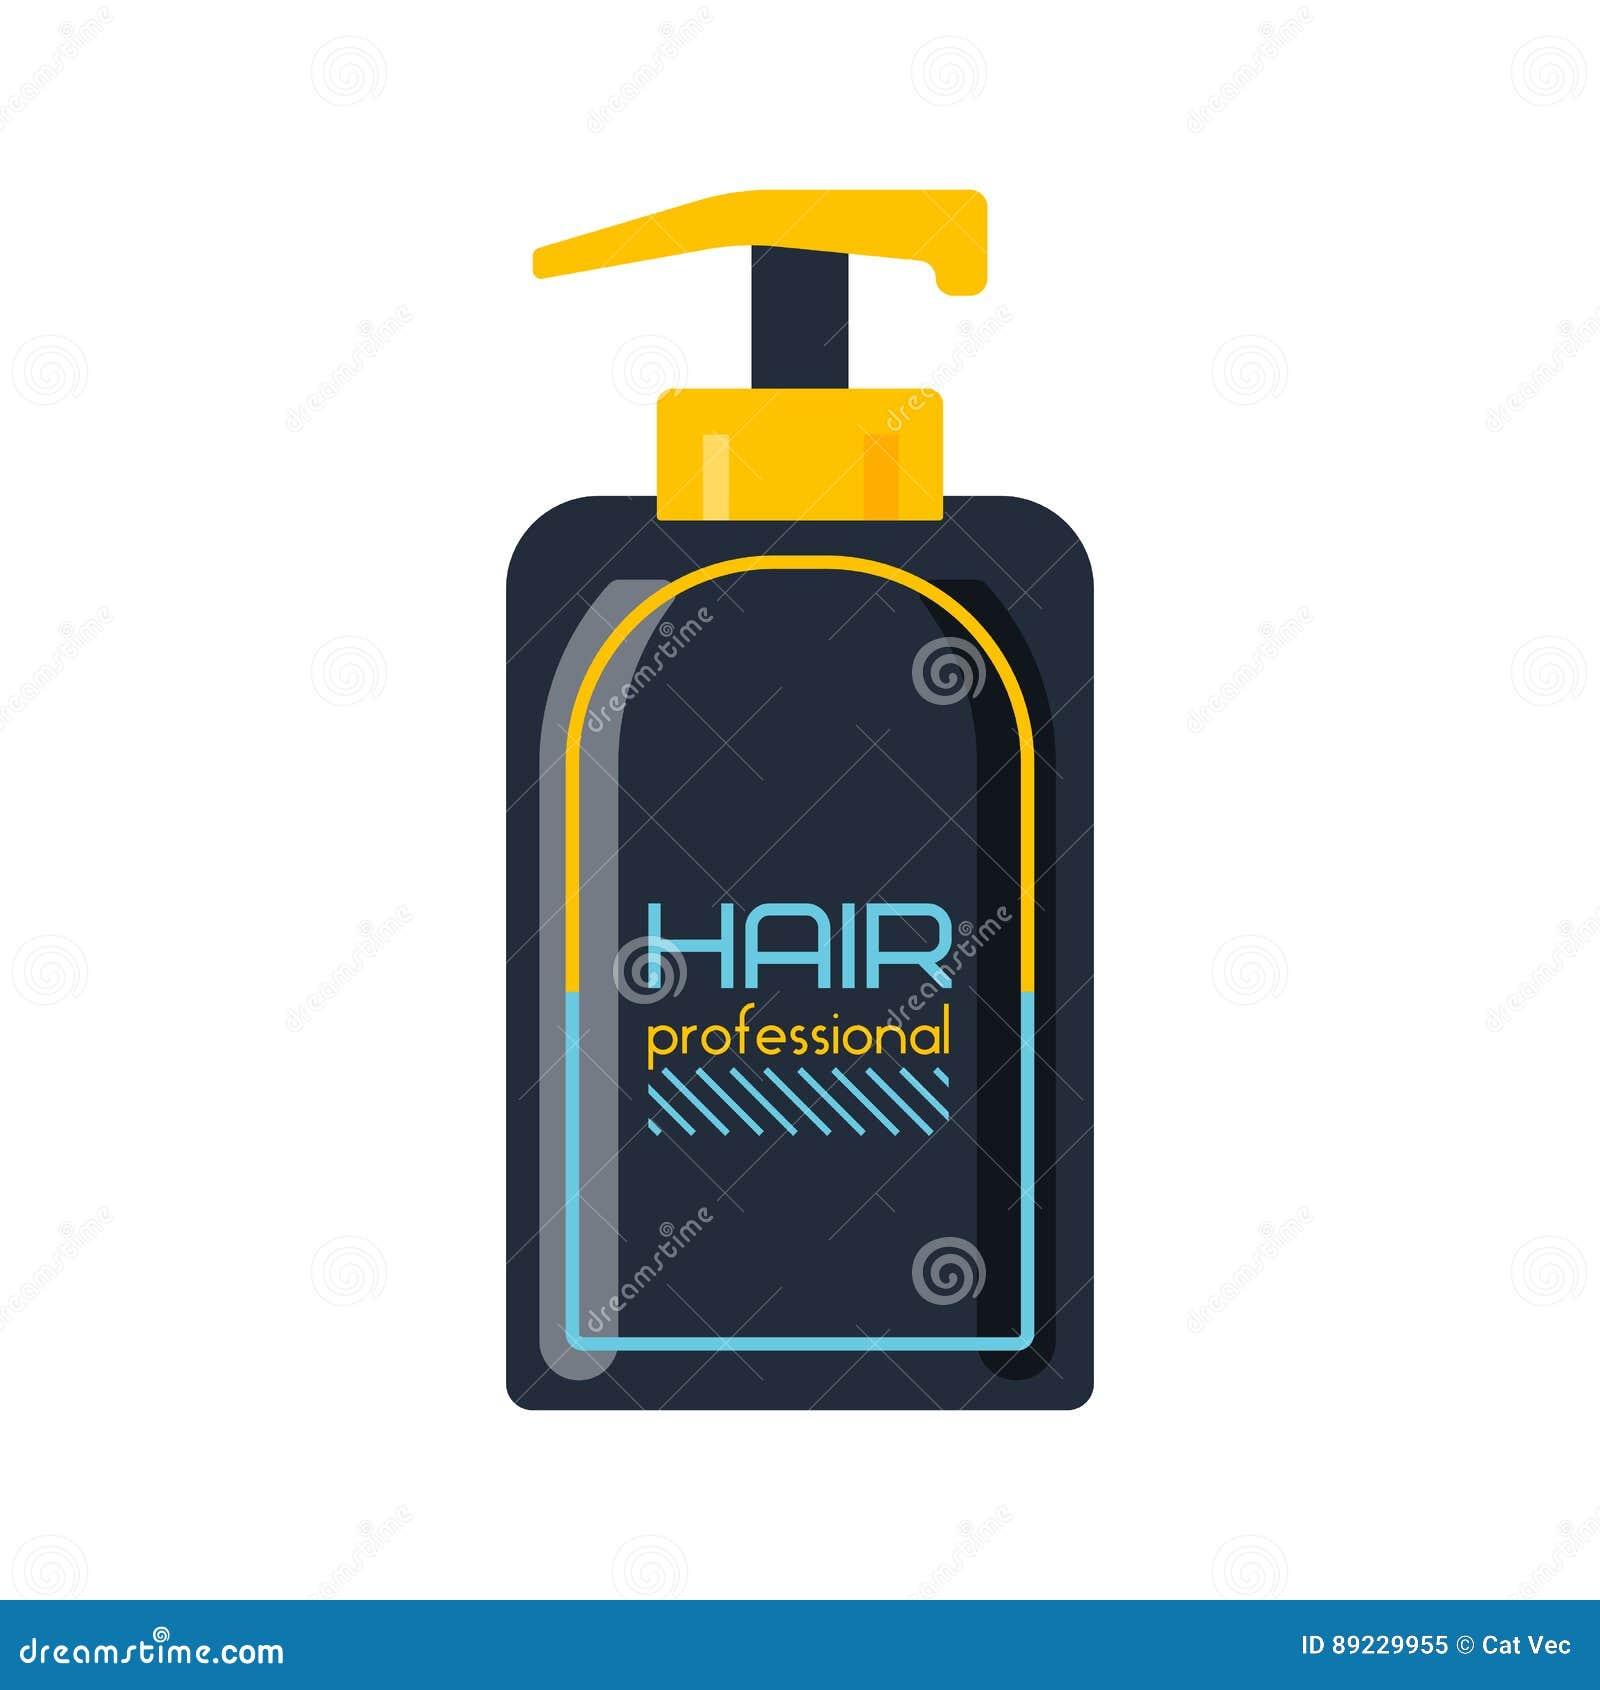 042e3f386b6 Coagule o projeto plástico da garrafa do champô do cabelo da bomba do  distribuidor da espuma